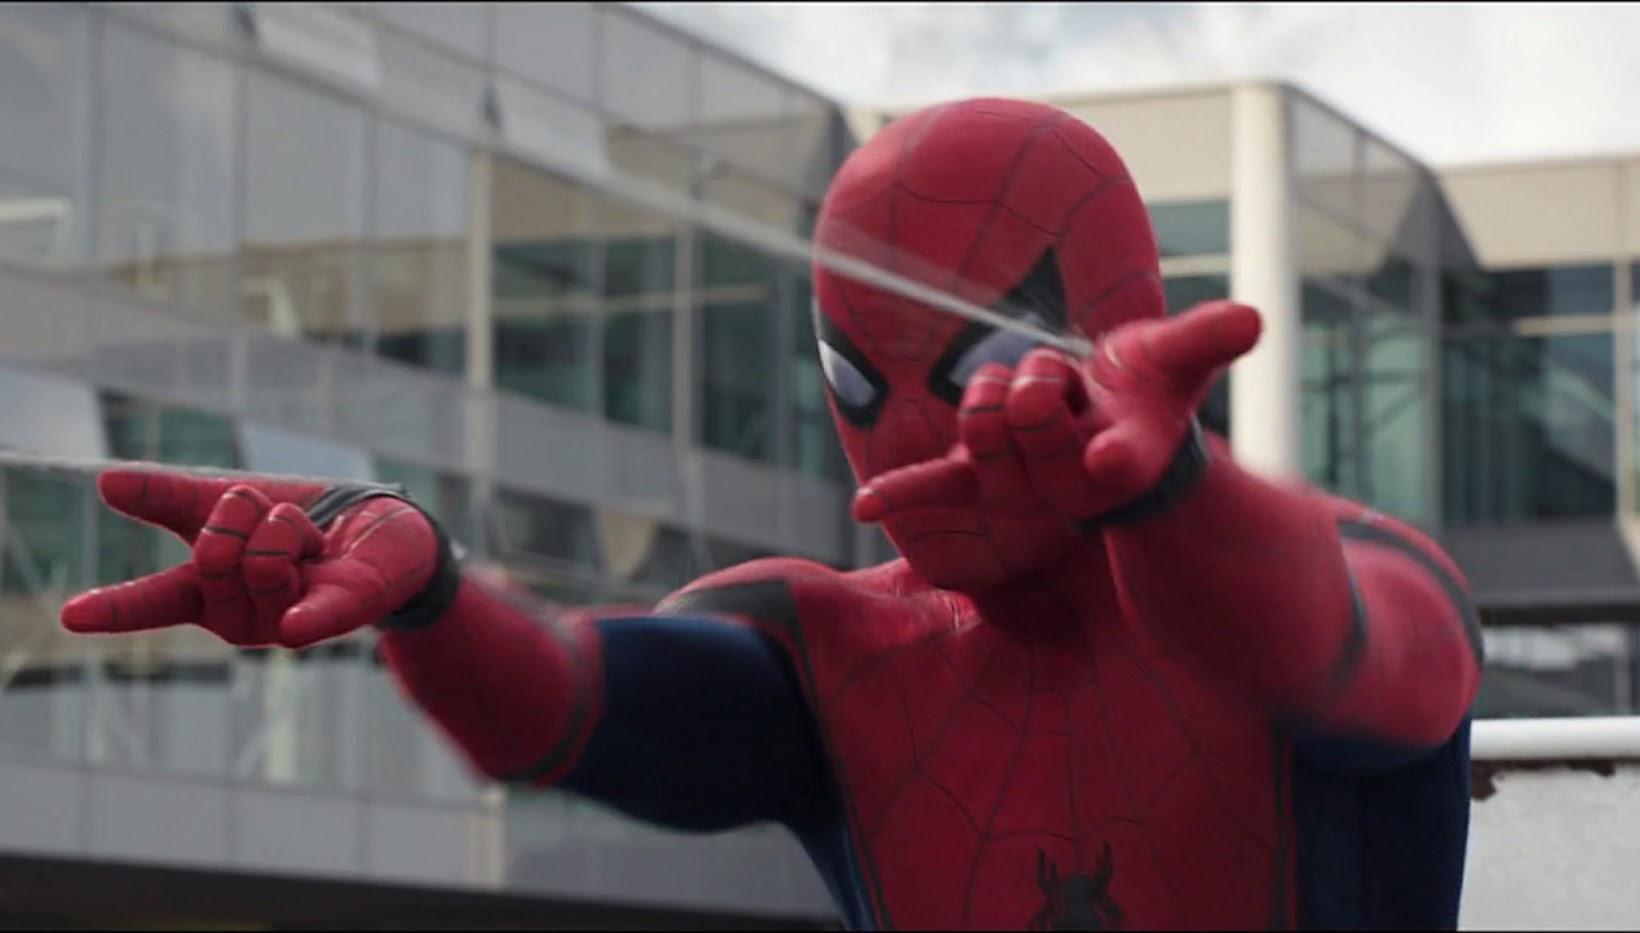 Divulgado prévia de Homem-Aranha: De Volta ao Lar, trailer completo sai amanhã